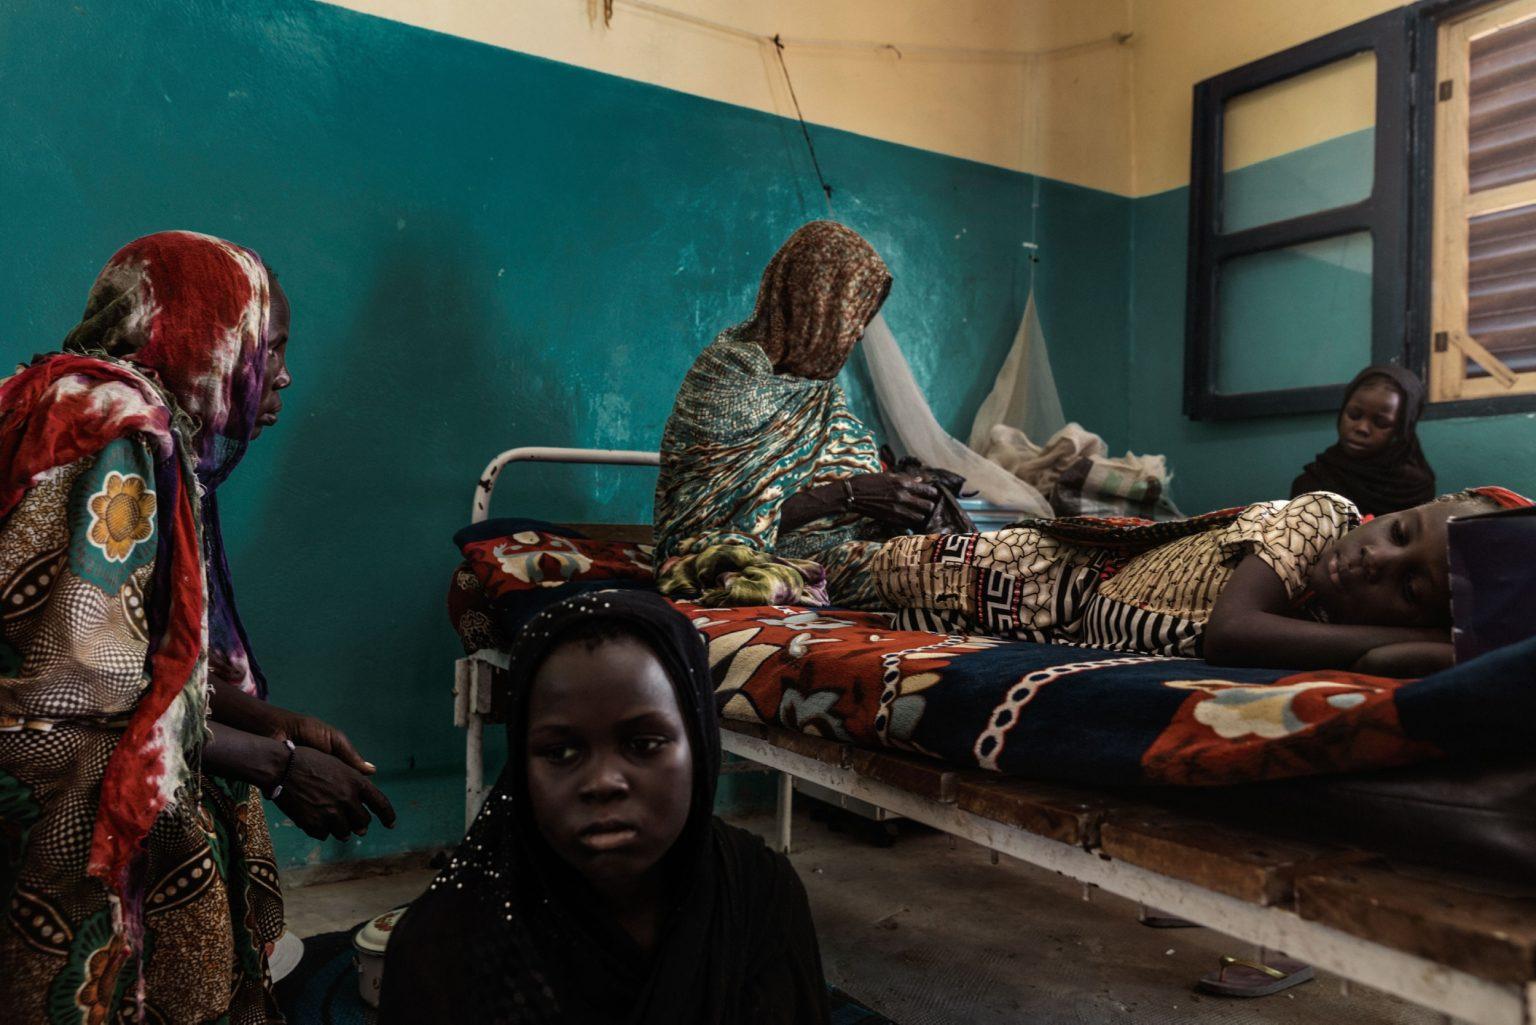 Africa, Chad, Bol, October 2018 - Bol hospital, the only one in the whole of the Lake Chad region. The most common diseases are malnutrition, malaria and AIDS.>< Africa, Ciad, Bol, Ottobre 2018 - Ospedale di Bol, l'unico nella regione del Lago Ciad. Le malattie più comuni sono la malnutrizione, la malaria e l'AIDS.*** SPECIAL   FEE   APPLIES *** *** Local Caption *** 01362918